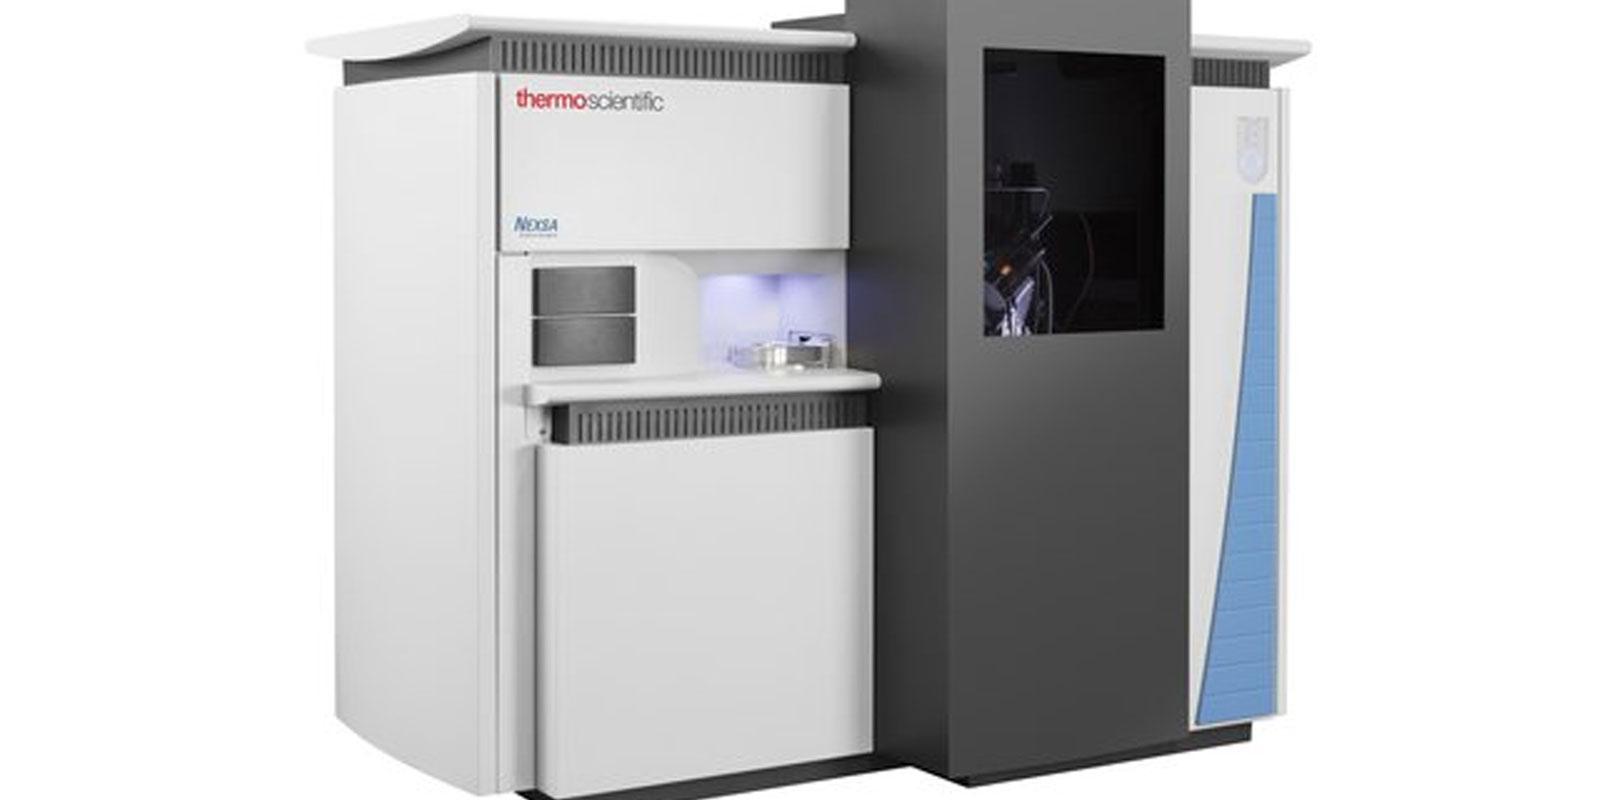 طیف سنجی فوتوالکترونی پرتو ایکس آنالیز XPS